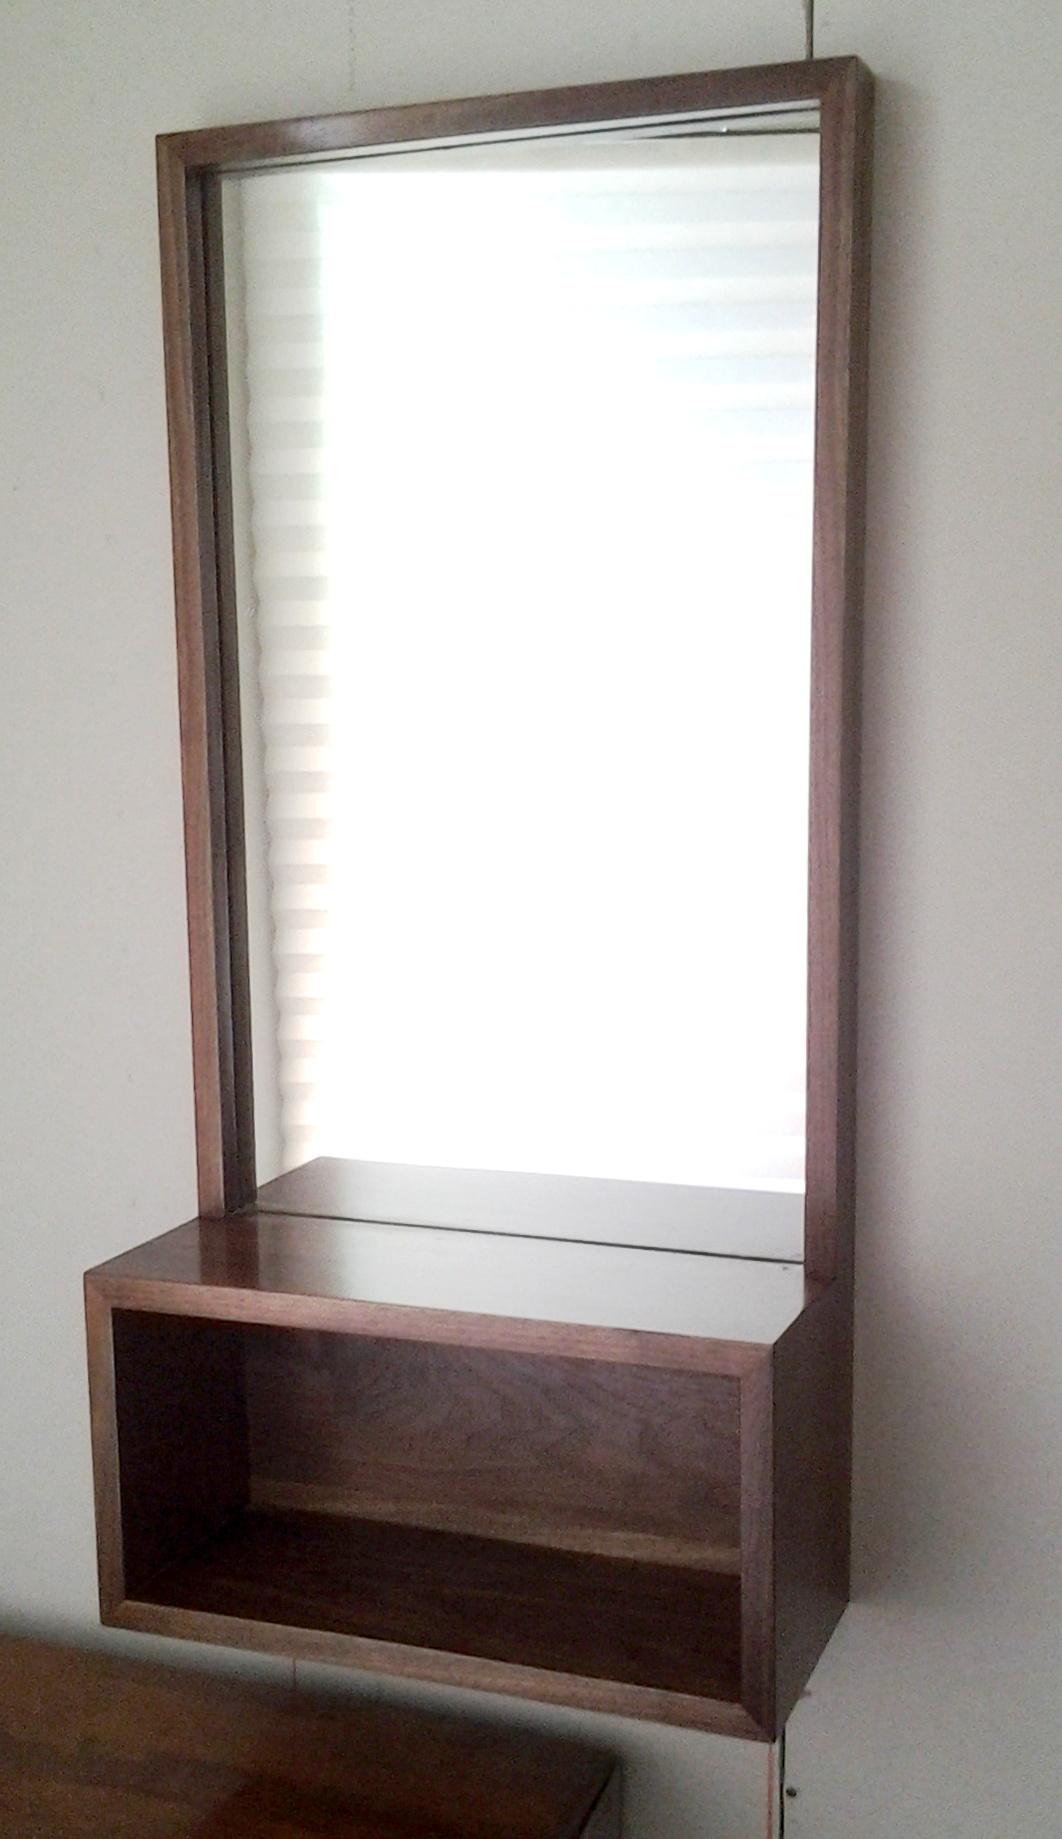 Walnut Entry Hall Mirror with Shelf